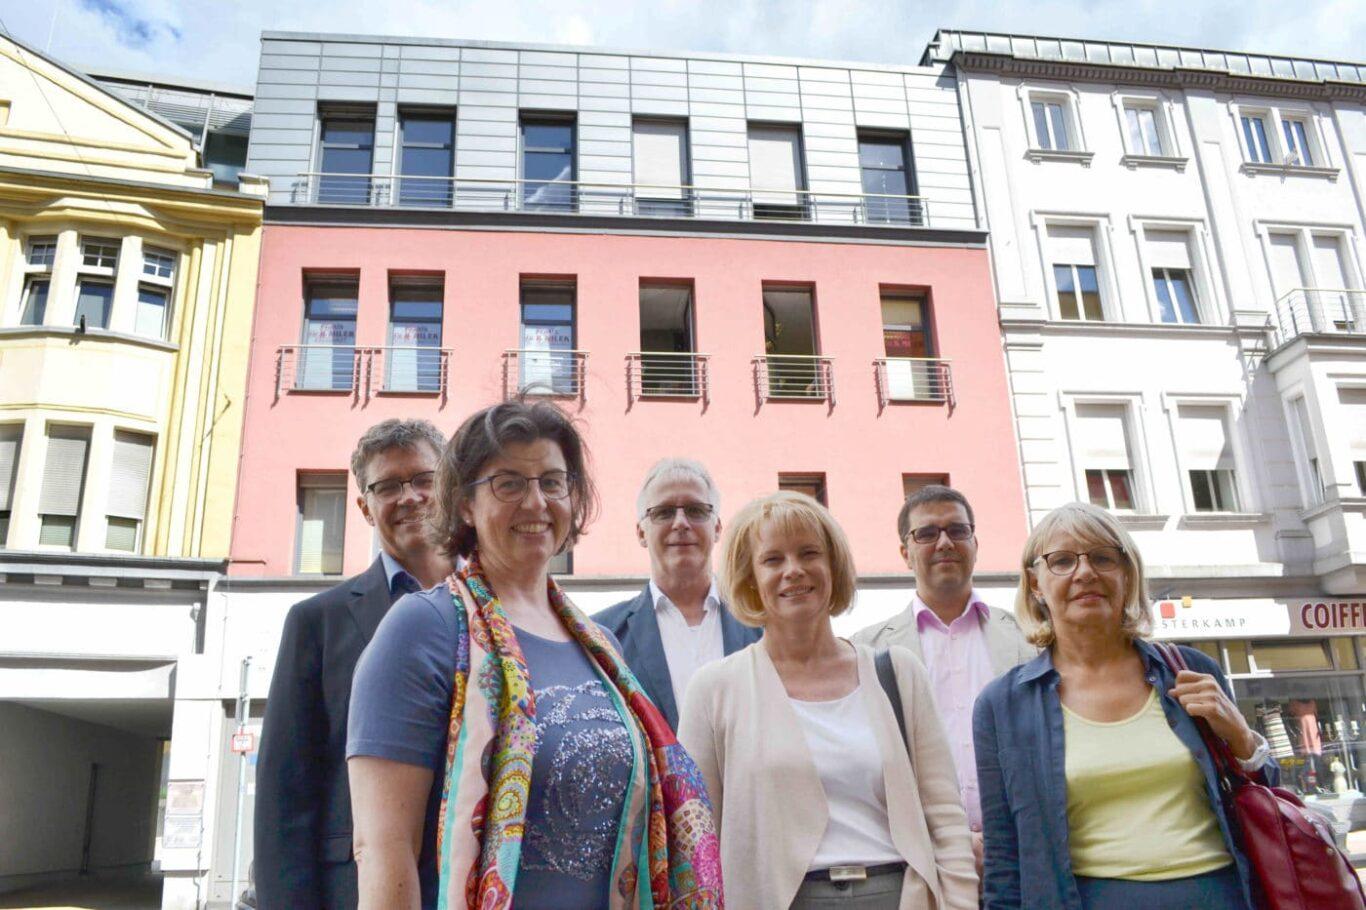 Die neue Wohngeldbehörde in Völklingen, Bild: Daniel Schappert / RV Saarbrücken